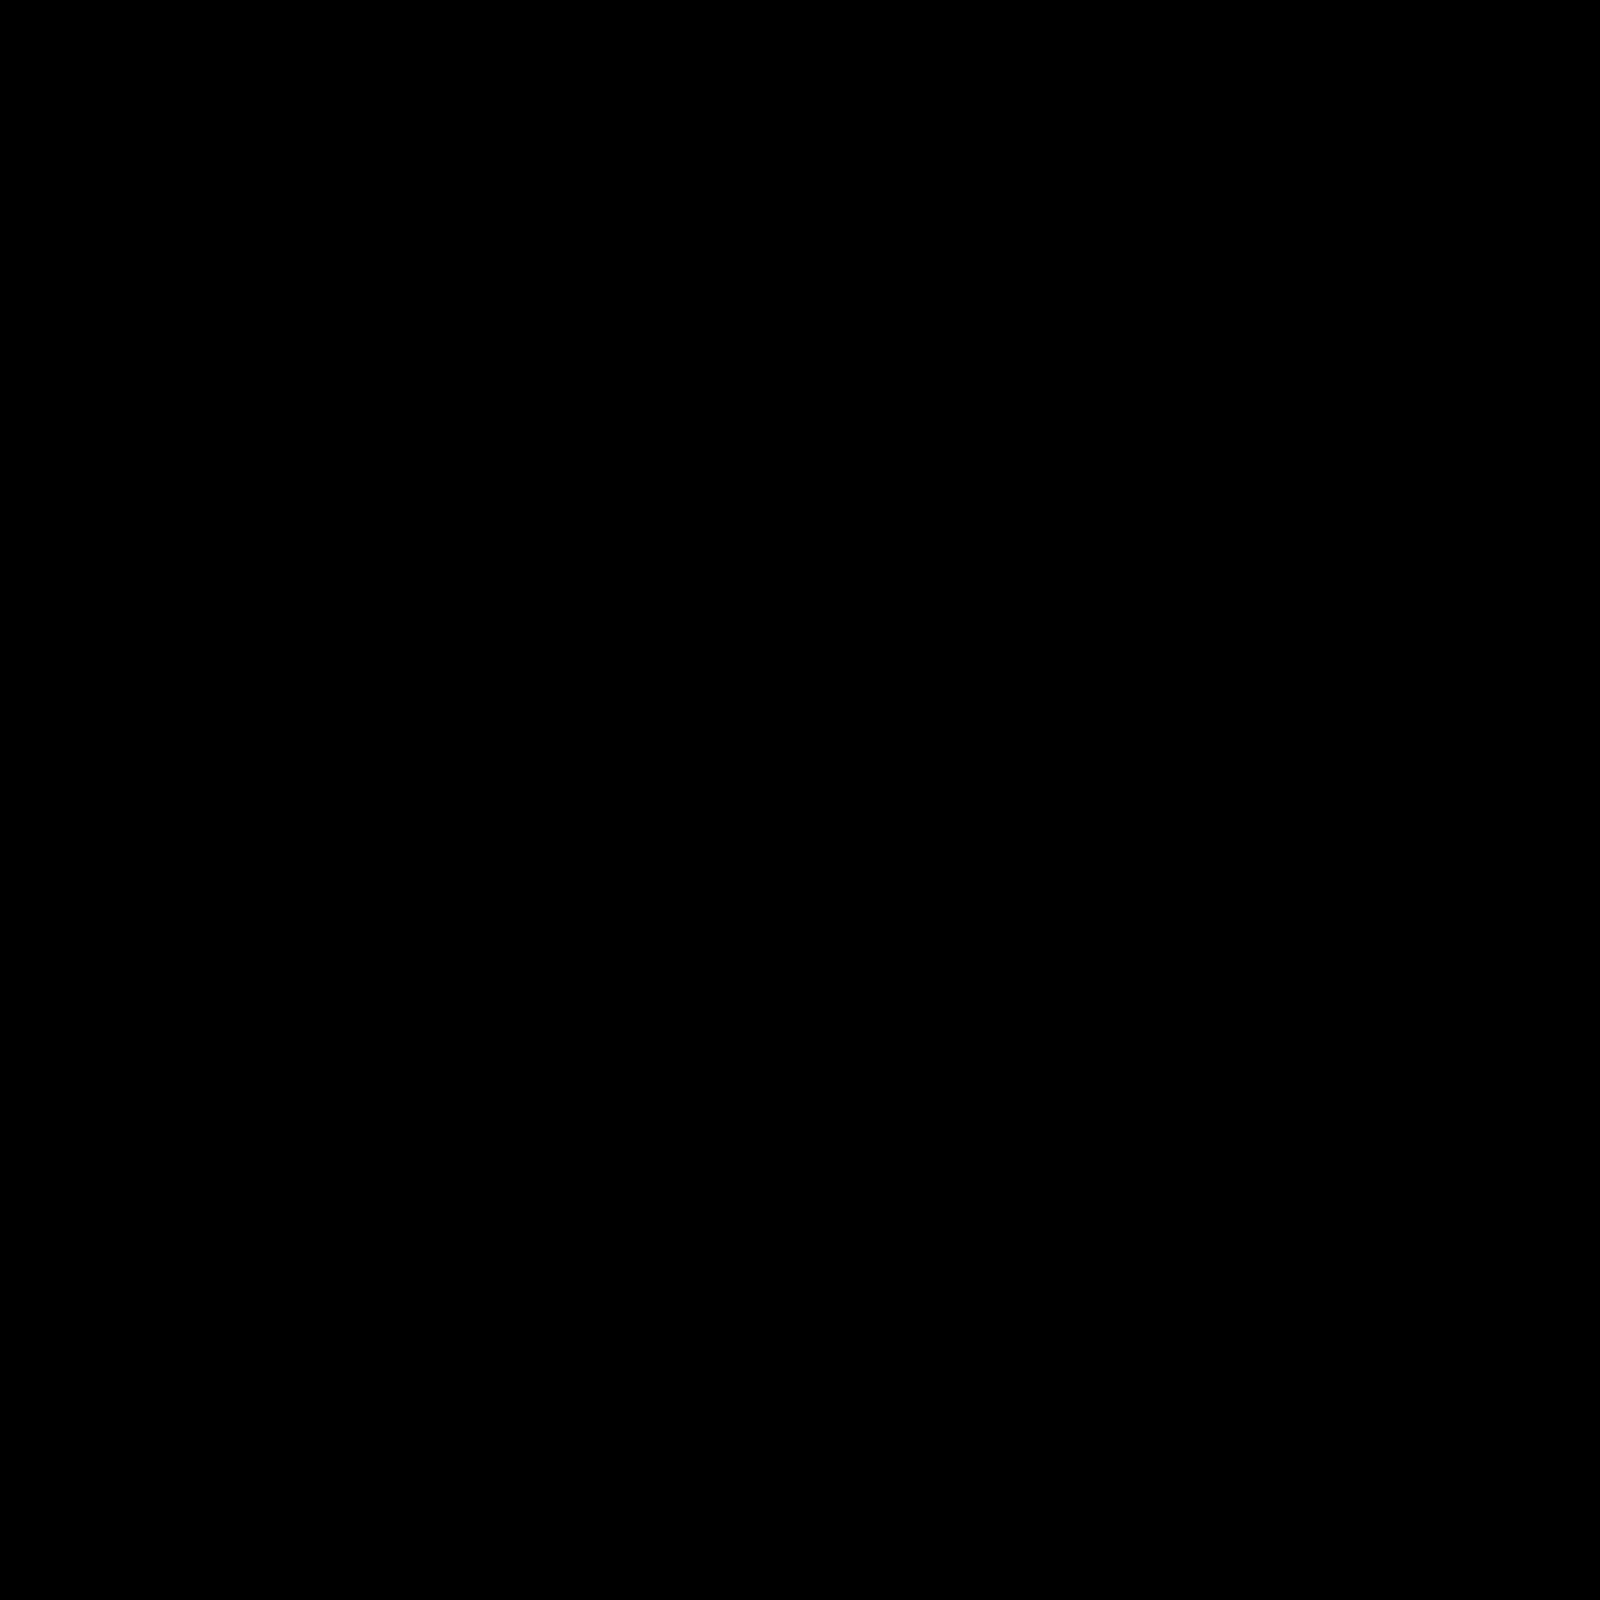 Black Panther Logos Brands And Logotypes Panther Logo Black Panther Drawing Black Panther